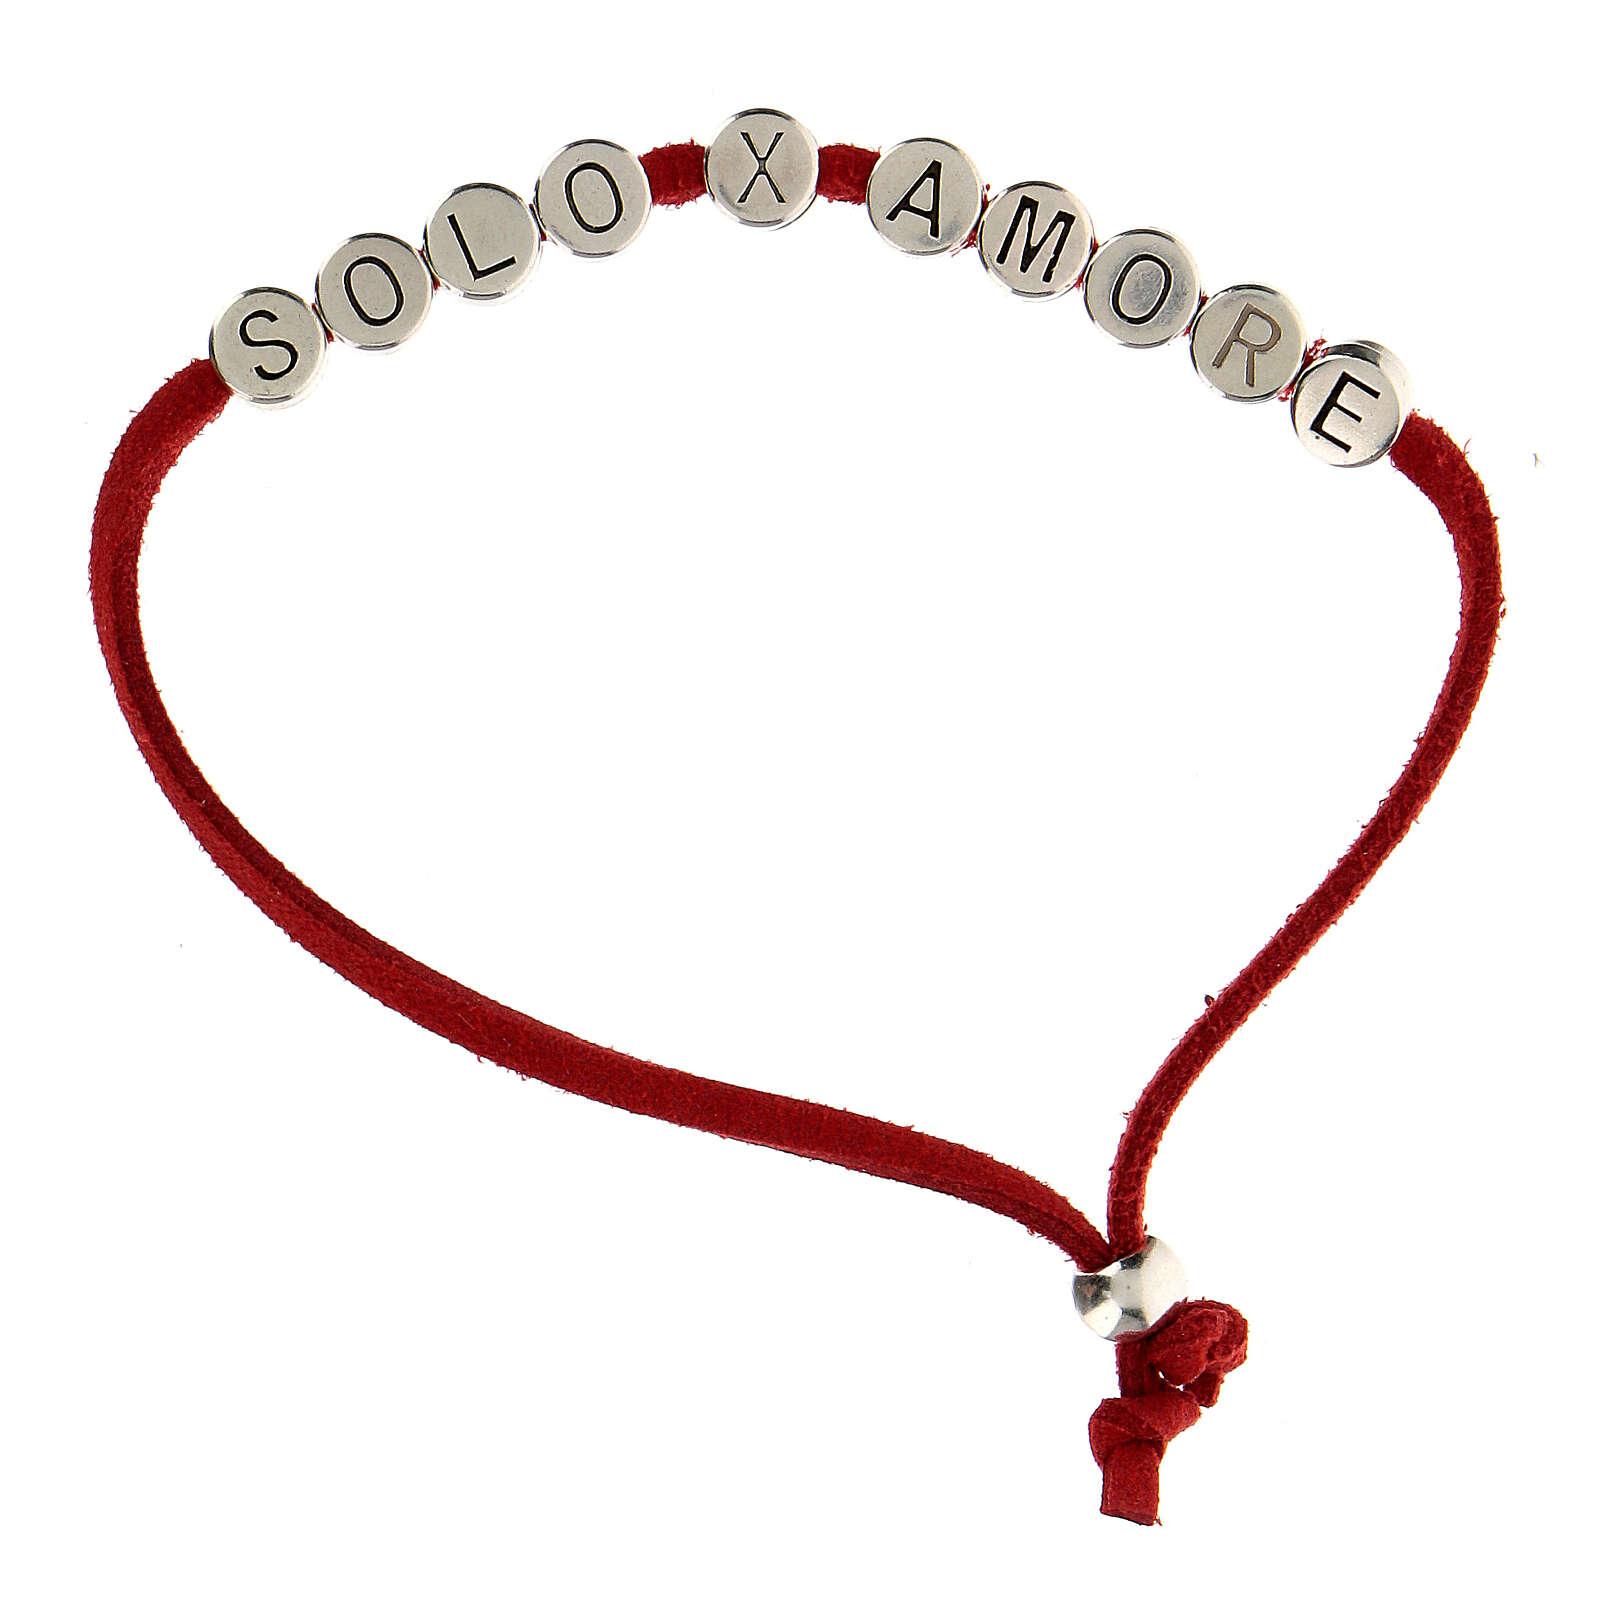 Bracelet alcantara rouge Solo X Amore zamak 4